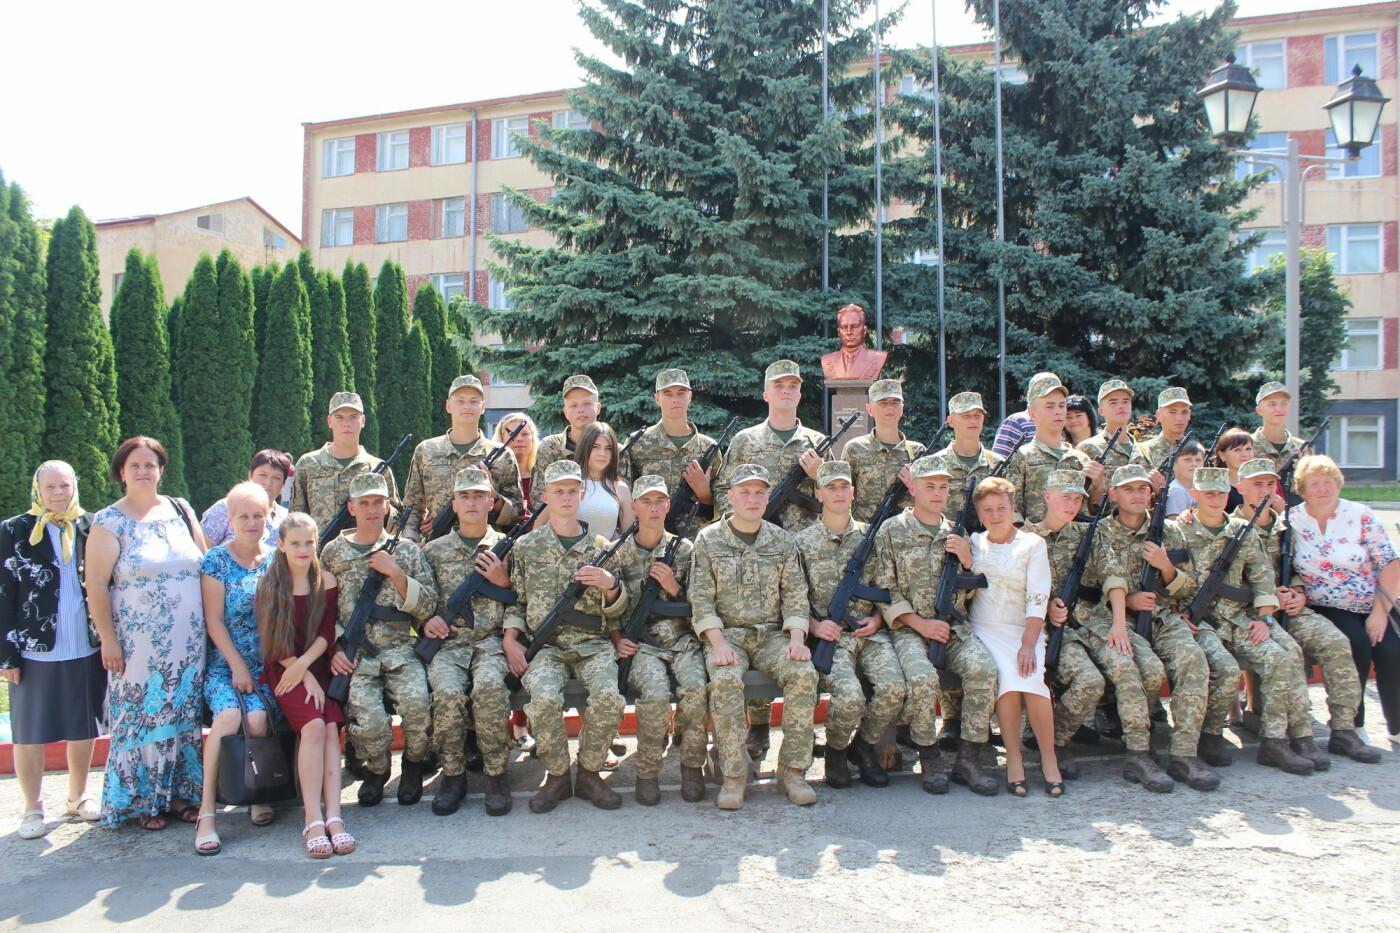 У Кам'янці 240 військовослужбовців склали присягу, фото-21, Фото: Olha Povorozniuk